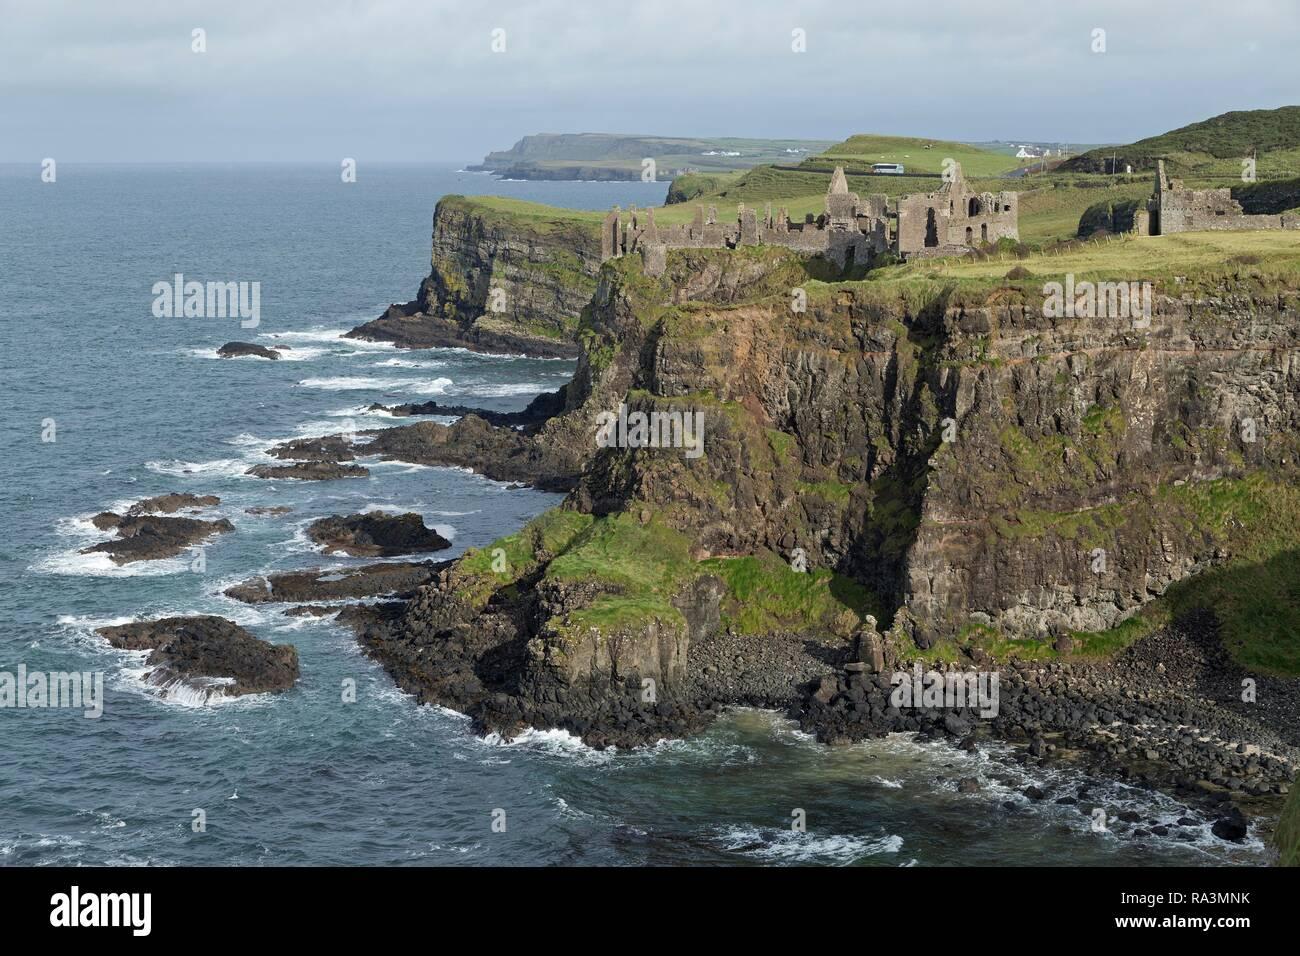 Dunluce Castle on the Atlantic Coast, Portrush, County Antrim, Northern Ireland, United Kingdom - Stock Image